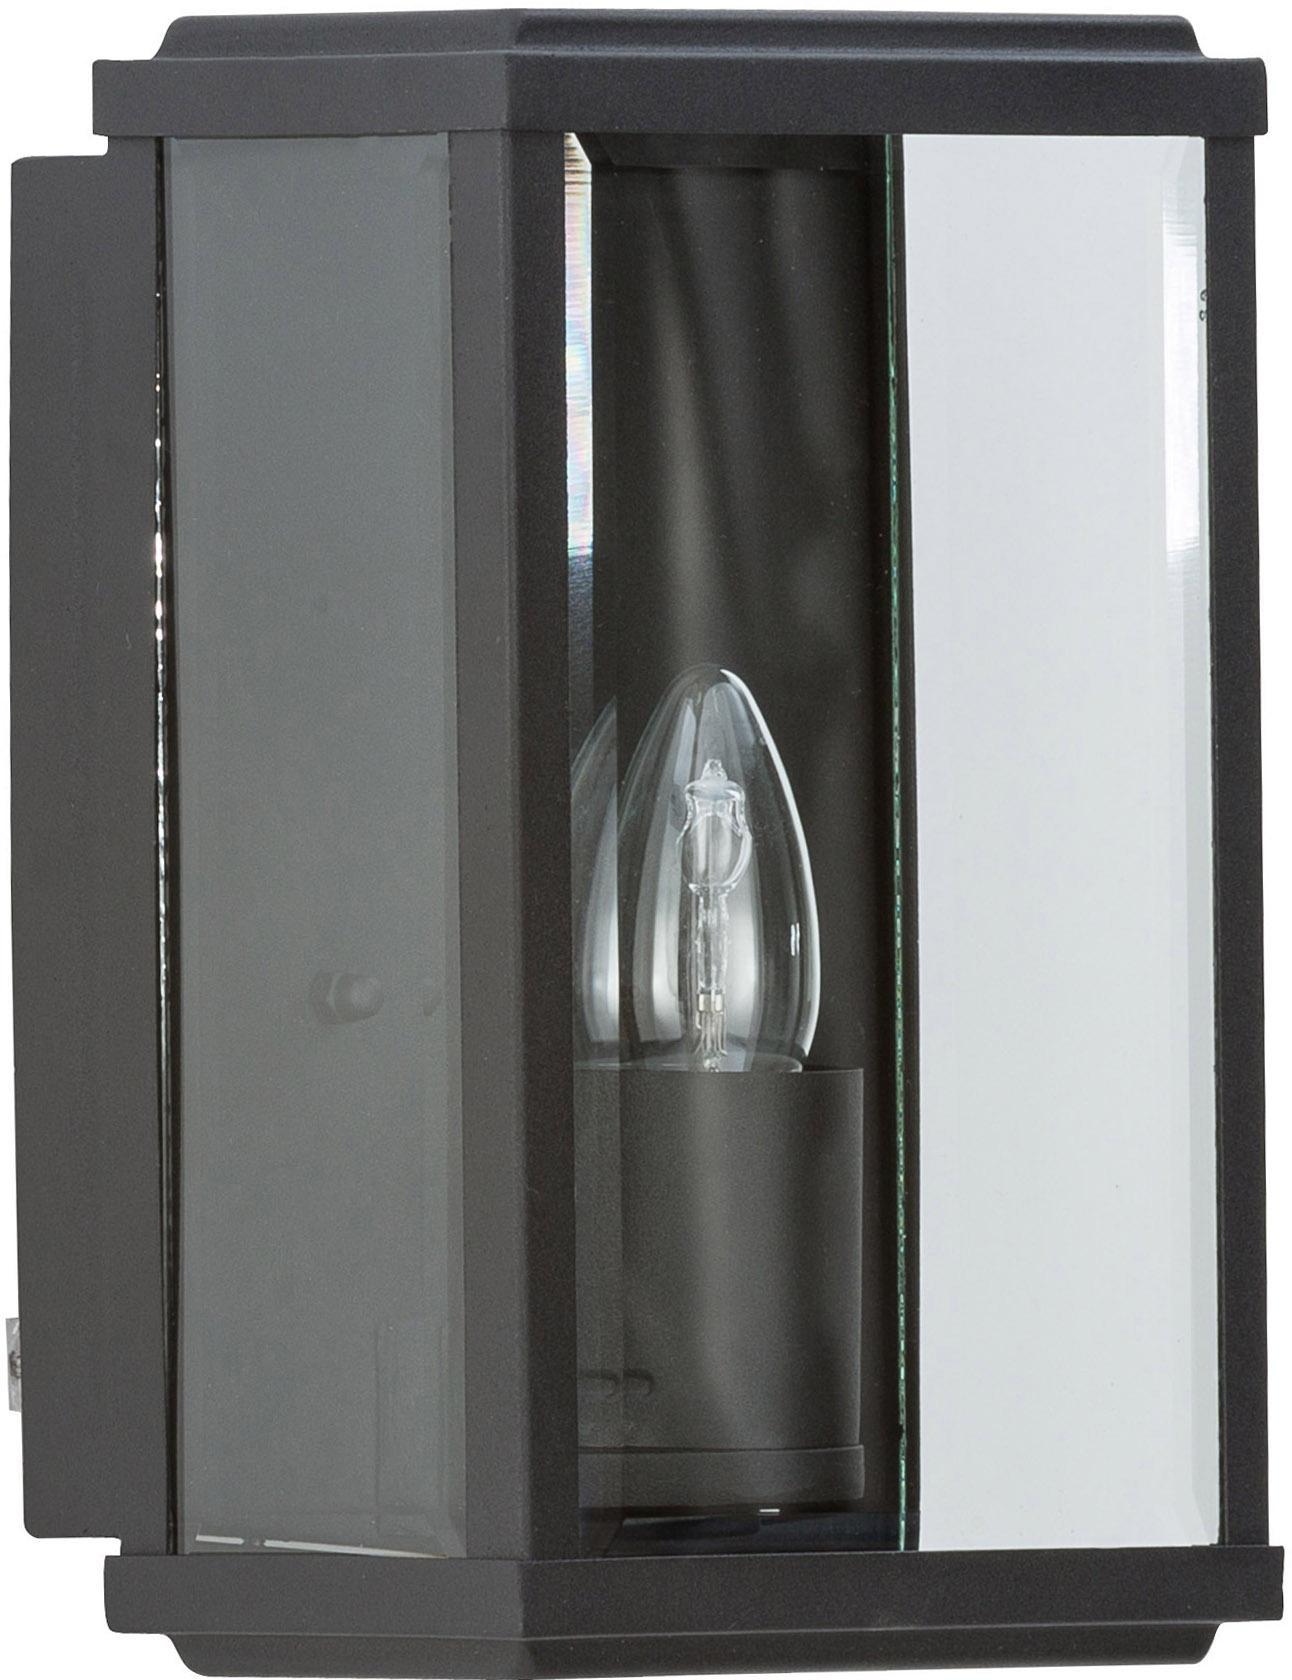 Applique in stile industriale da esterno Wally, Acciaio inossidabile, verniciato a polvere con inserto di vetro, Nero, trasparente, Larg. 16 x Alt. 25 cm